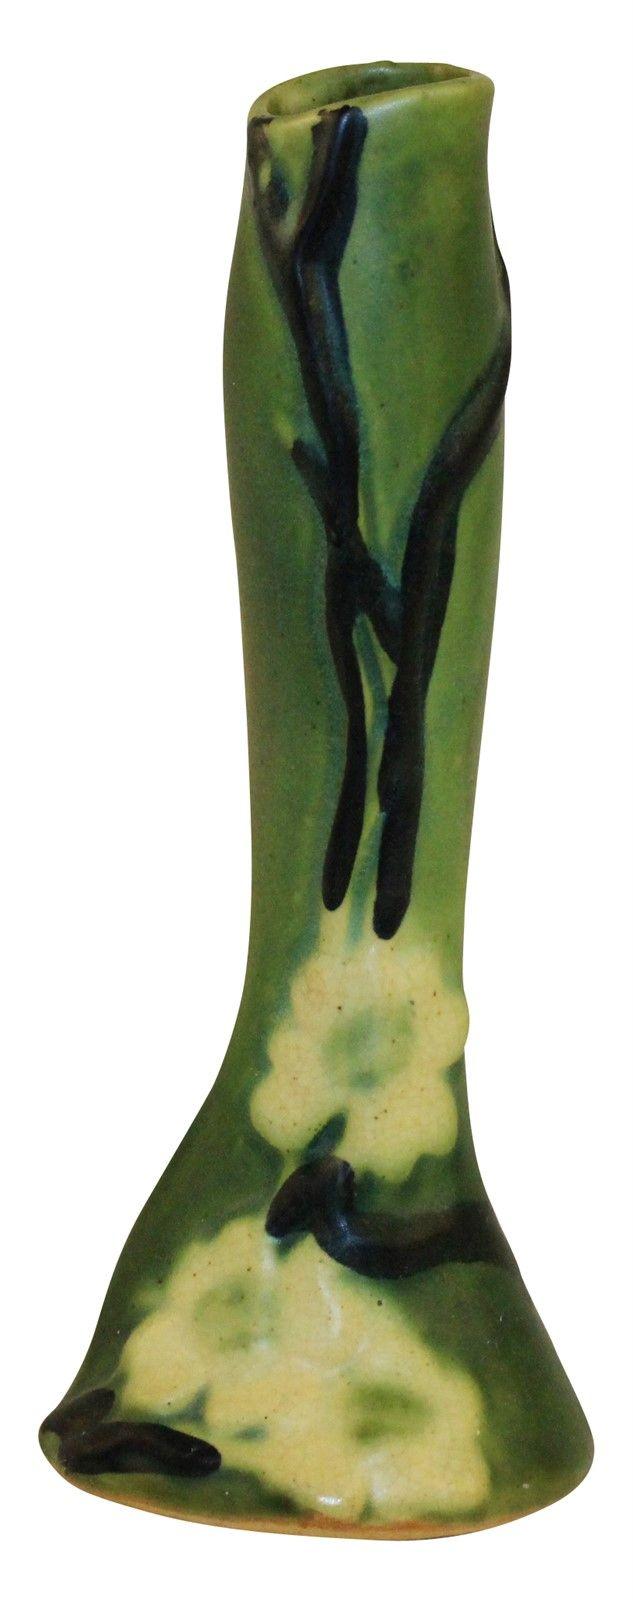 Roseville Pottery Dogwood Smooth Bud Vase